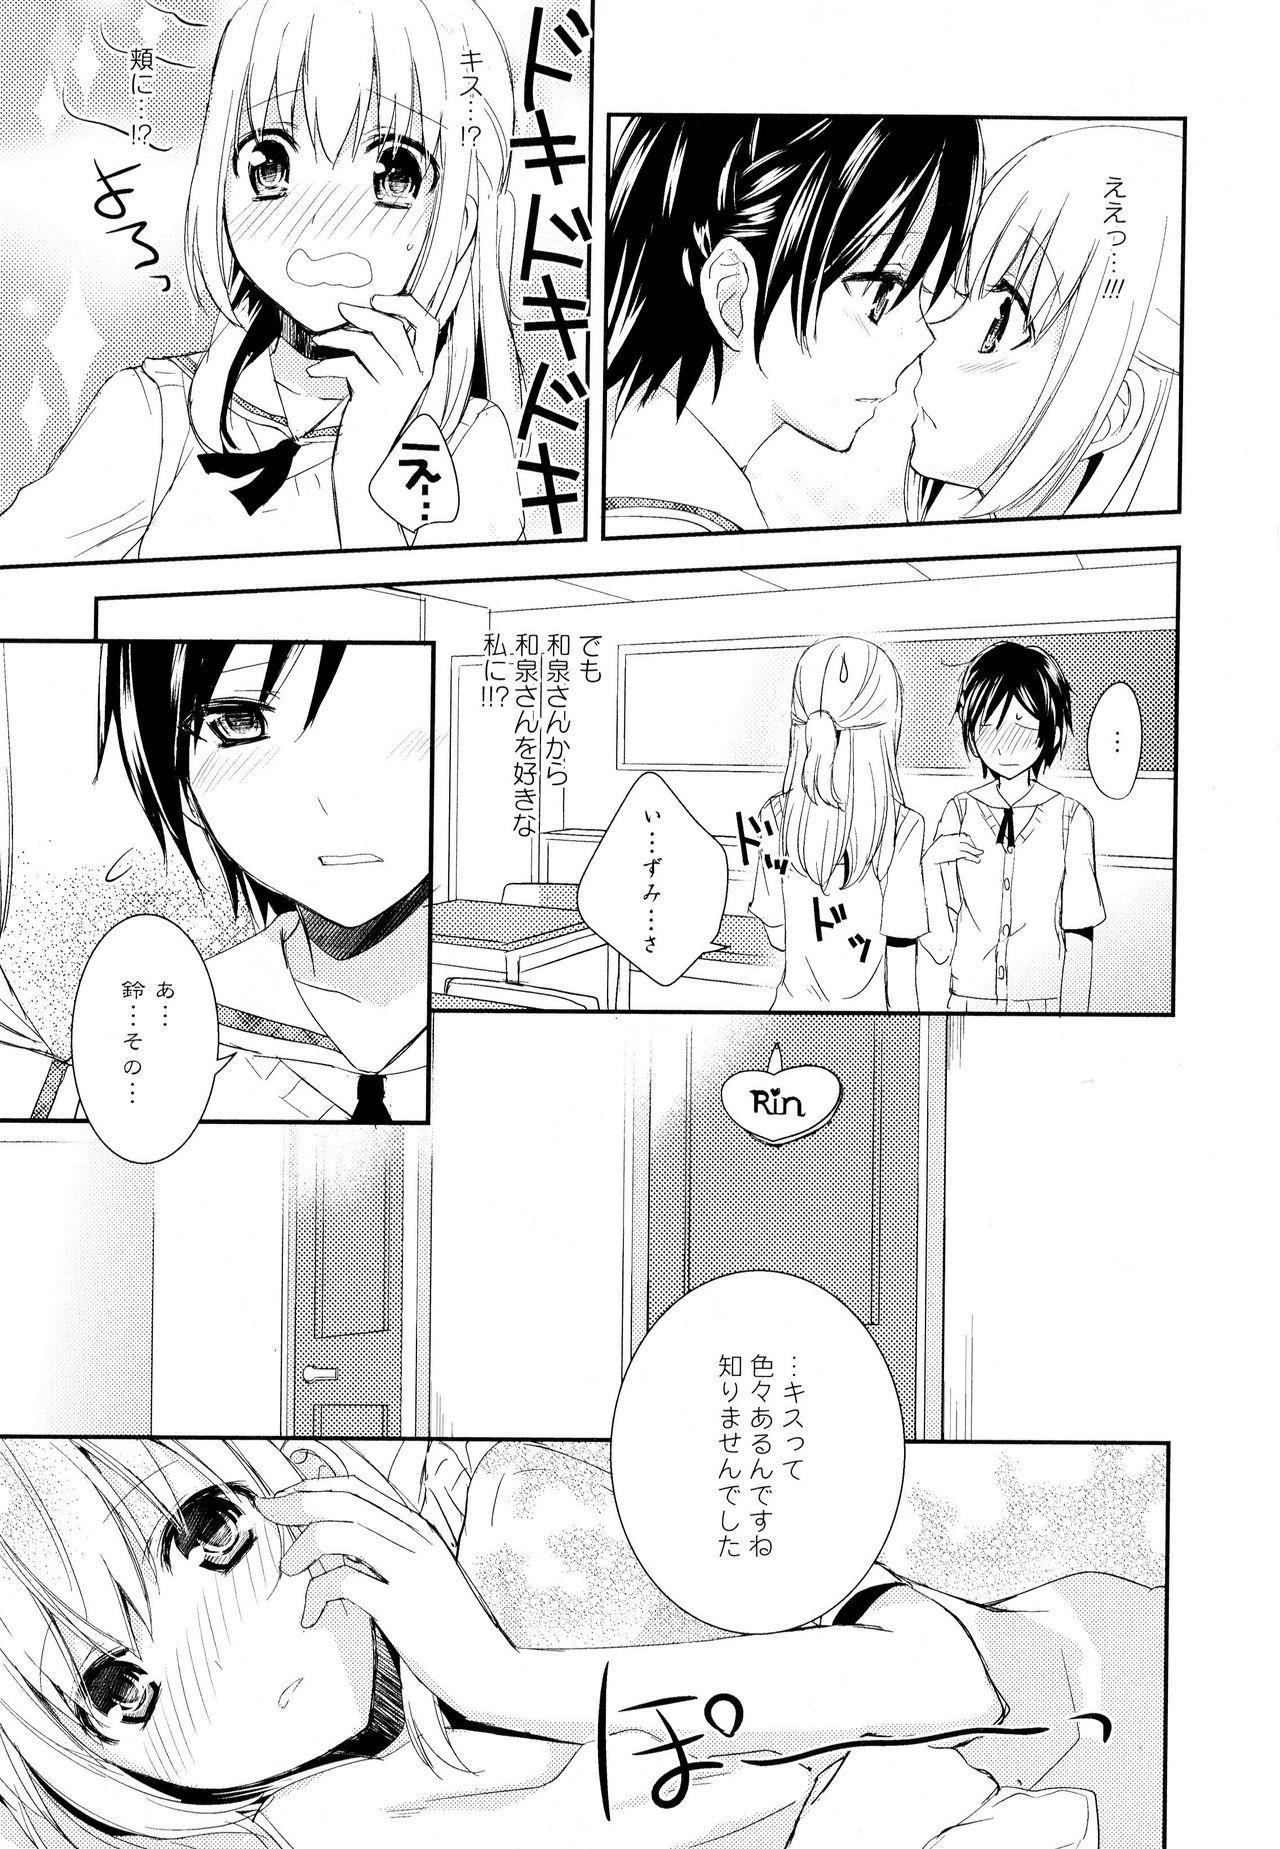 Aya Yuri Vol. 5 18